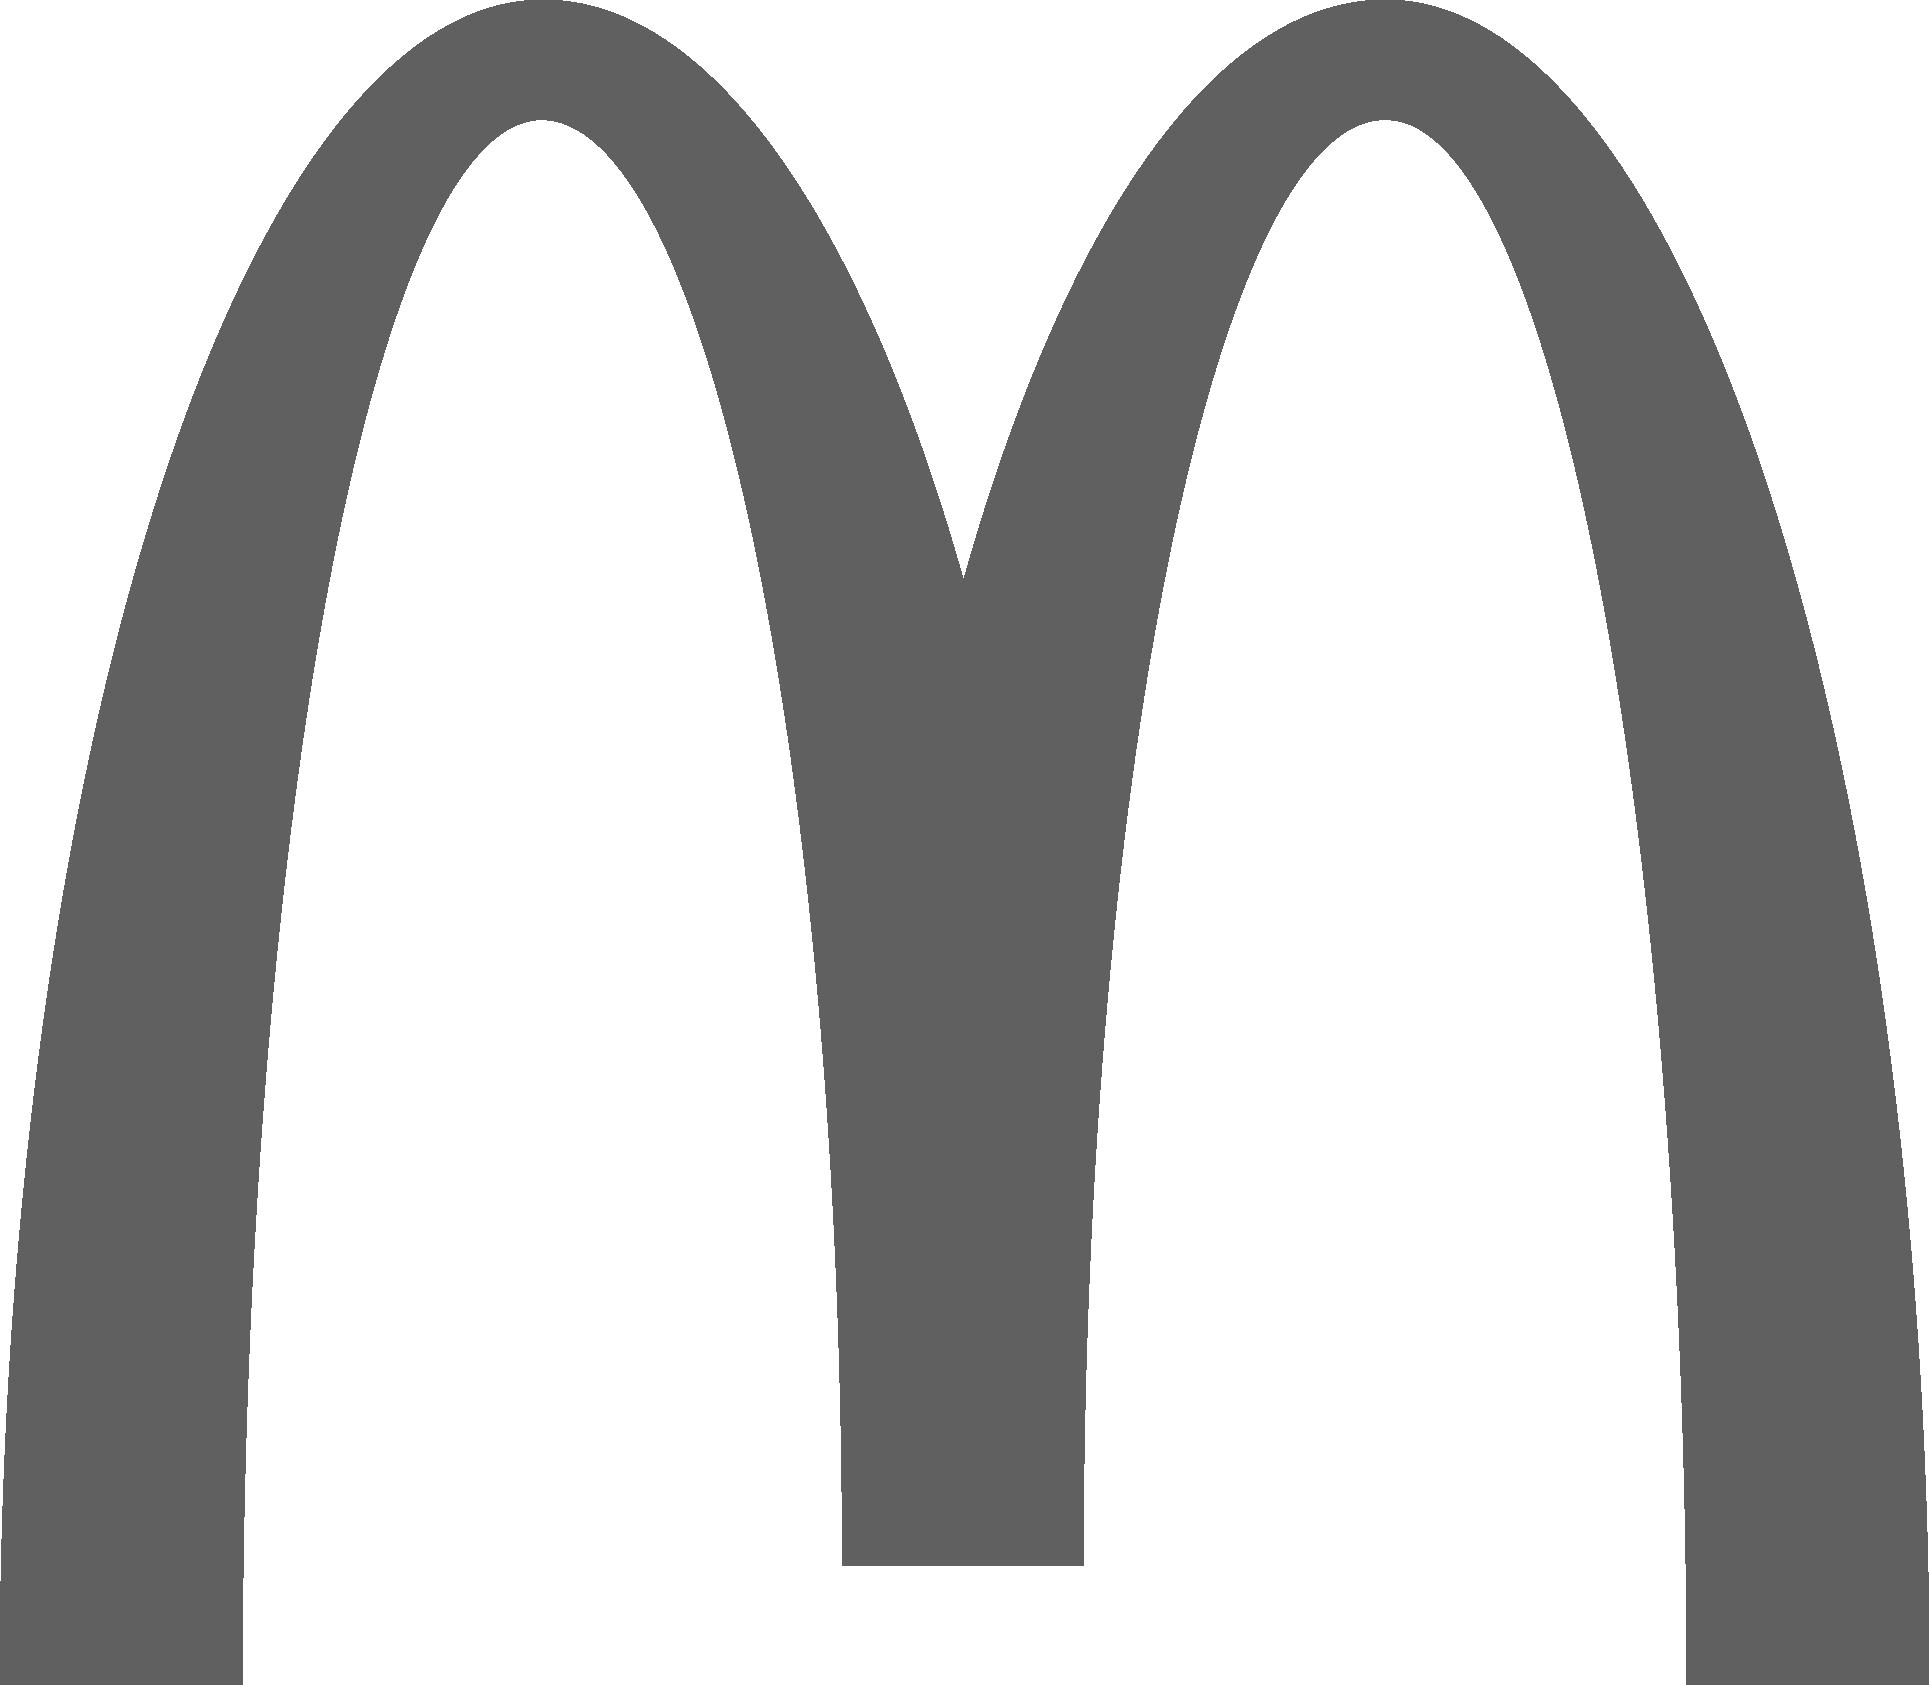 mcdonalds.png